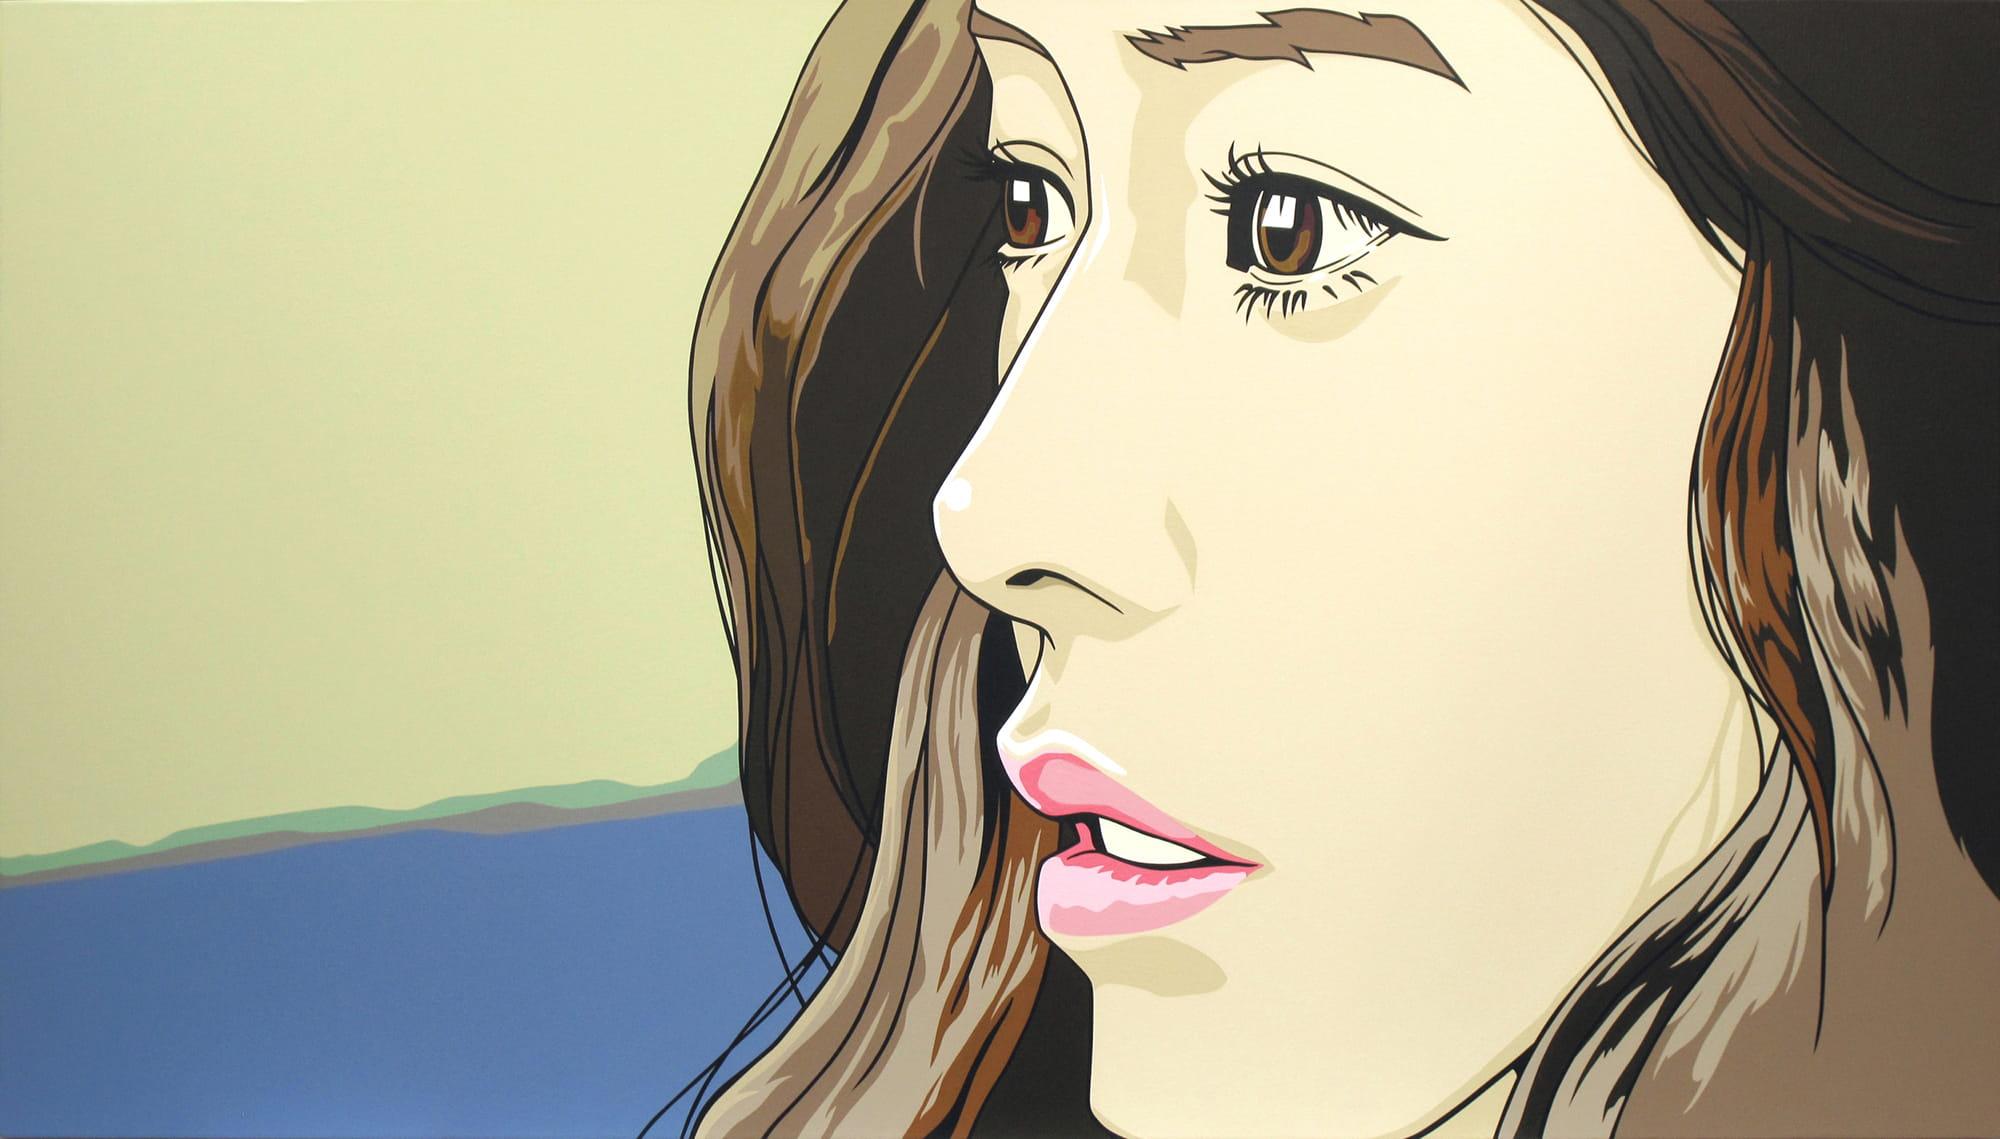 Dongi Lee, <em>Staring Woman,</em> 2013